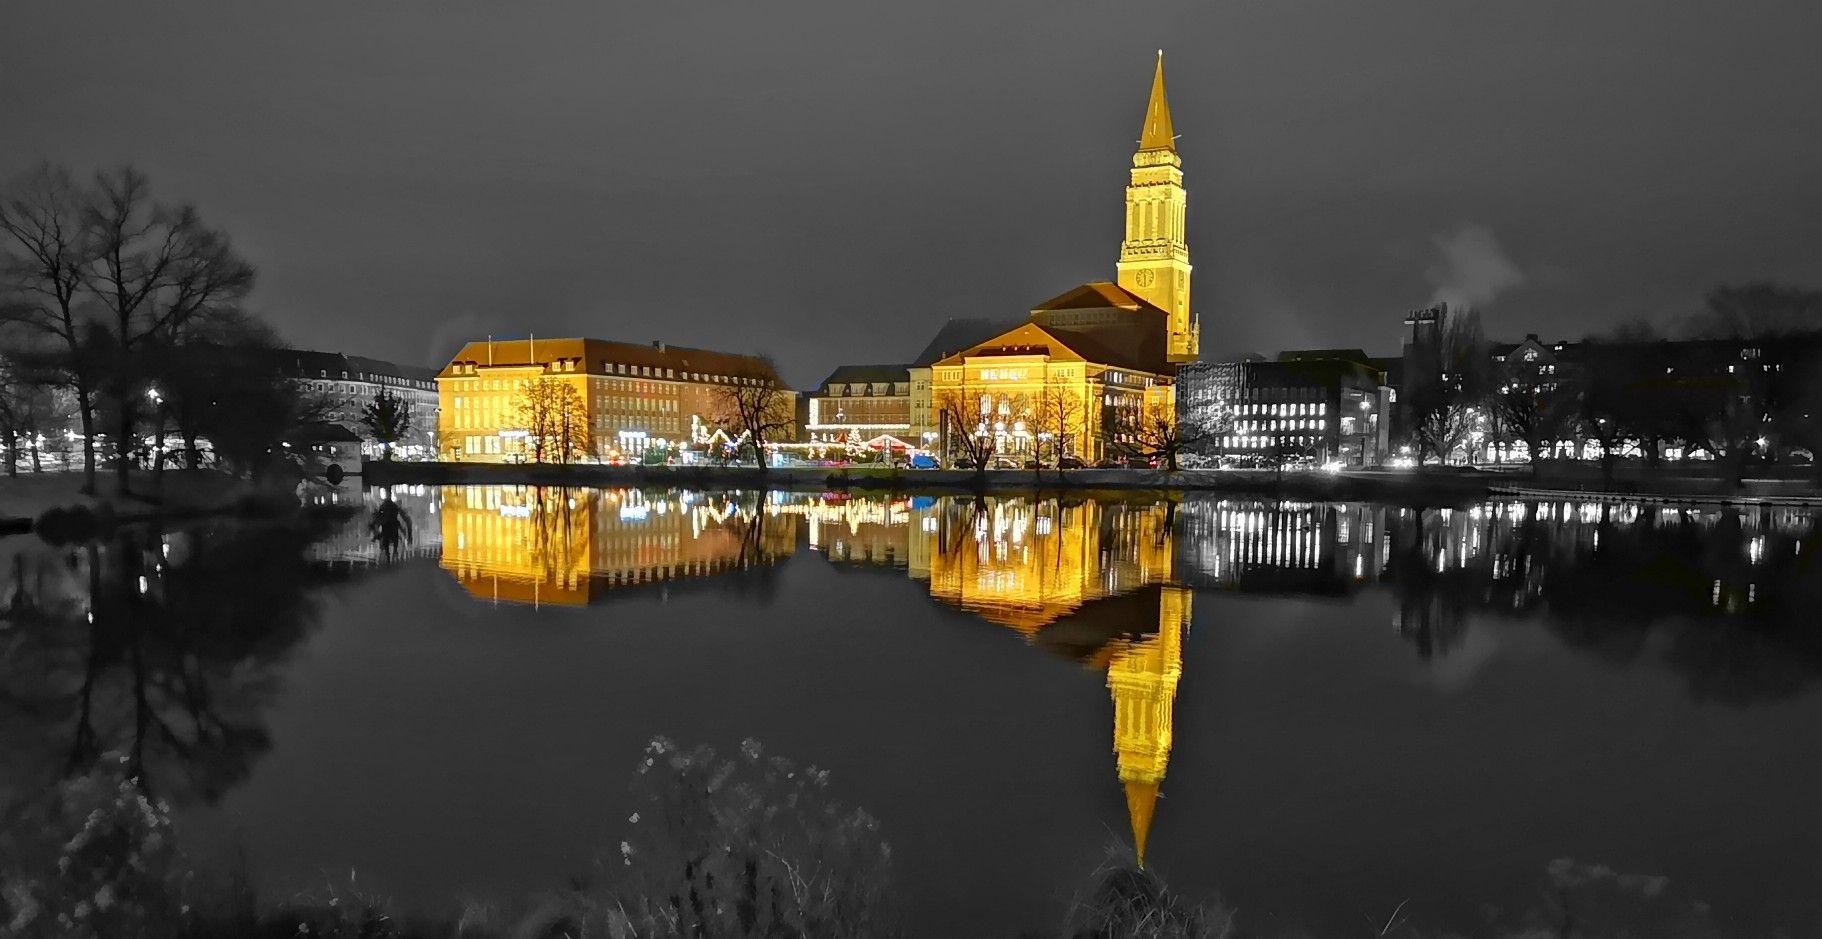 Weihnachtsmarkt In Kiel